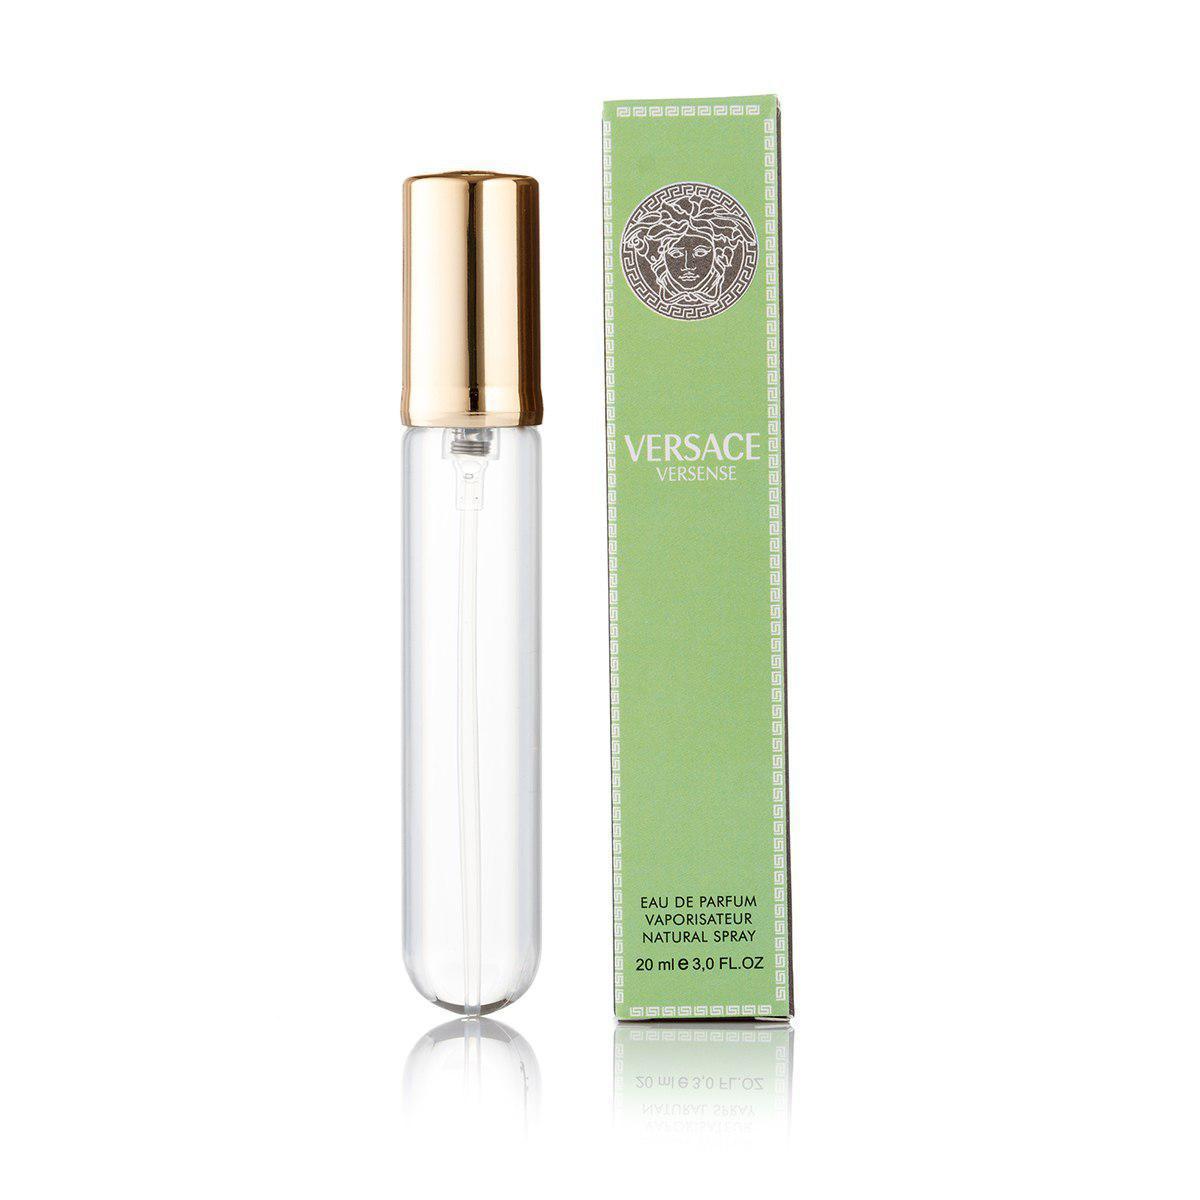 Женский парфюм Versace Versense мини 20 ml (реплика)